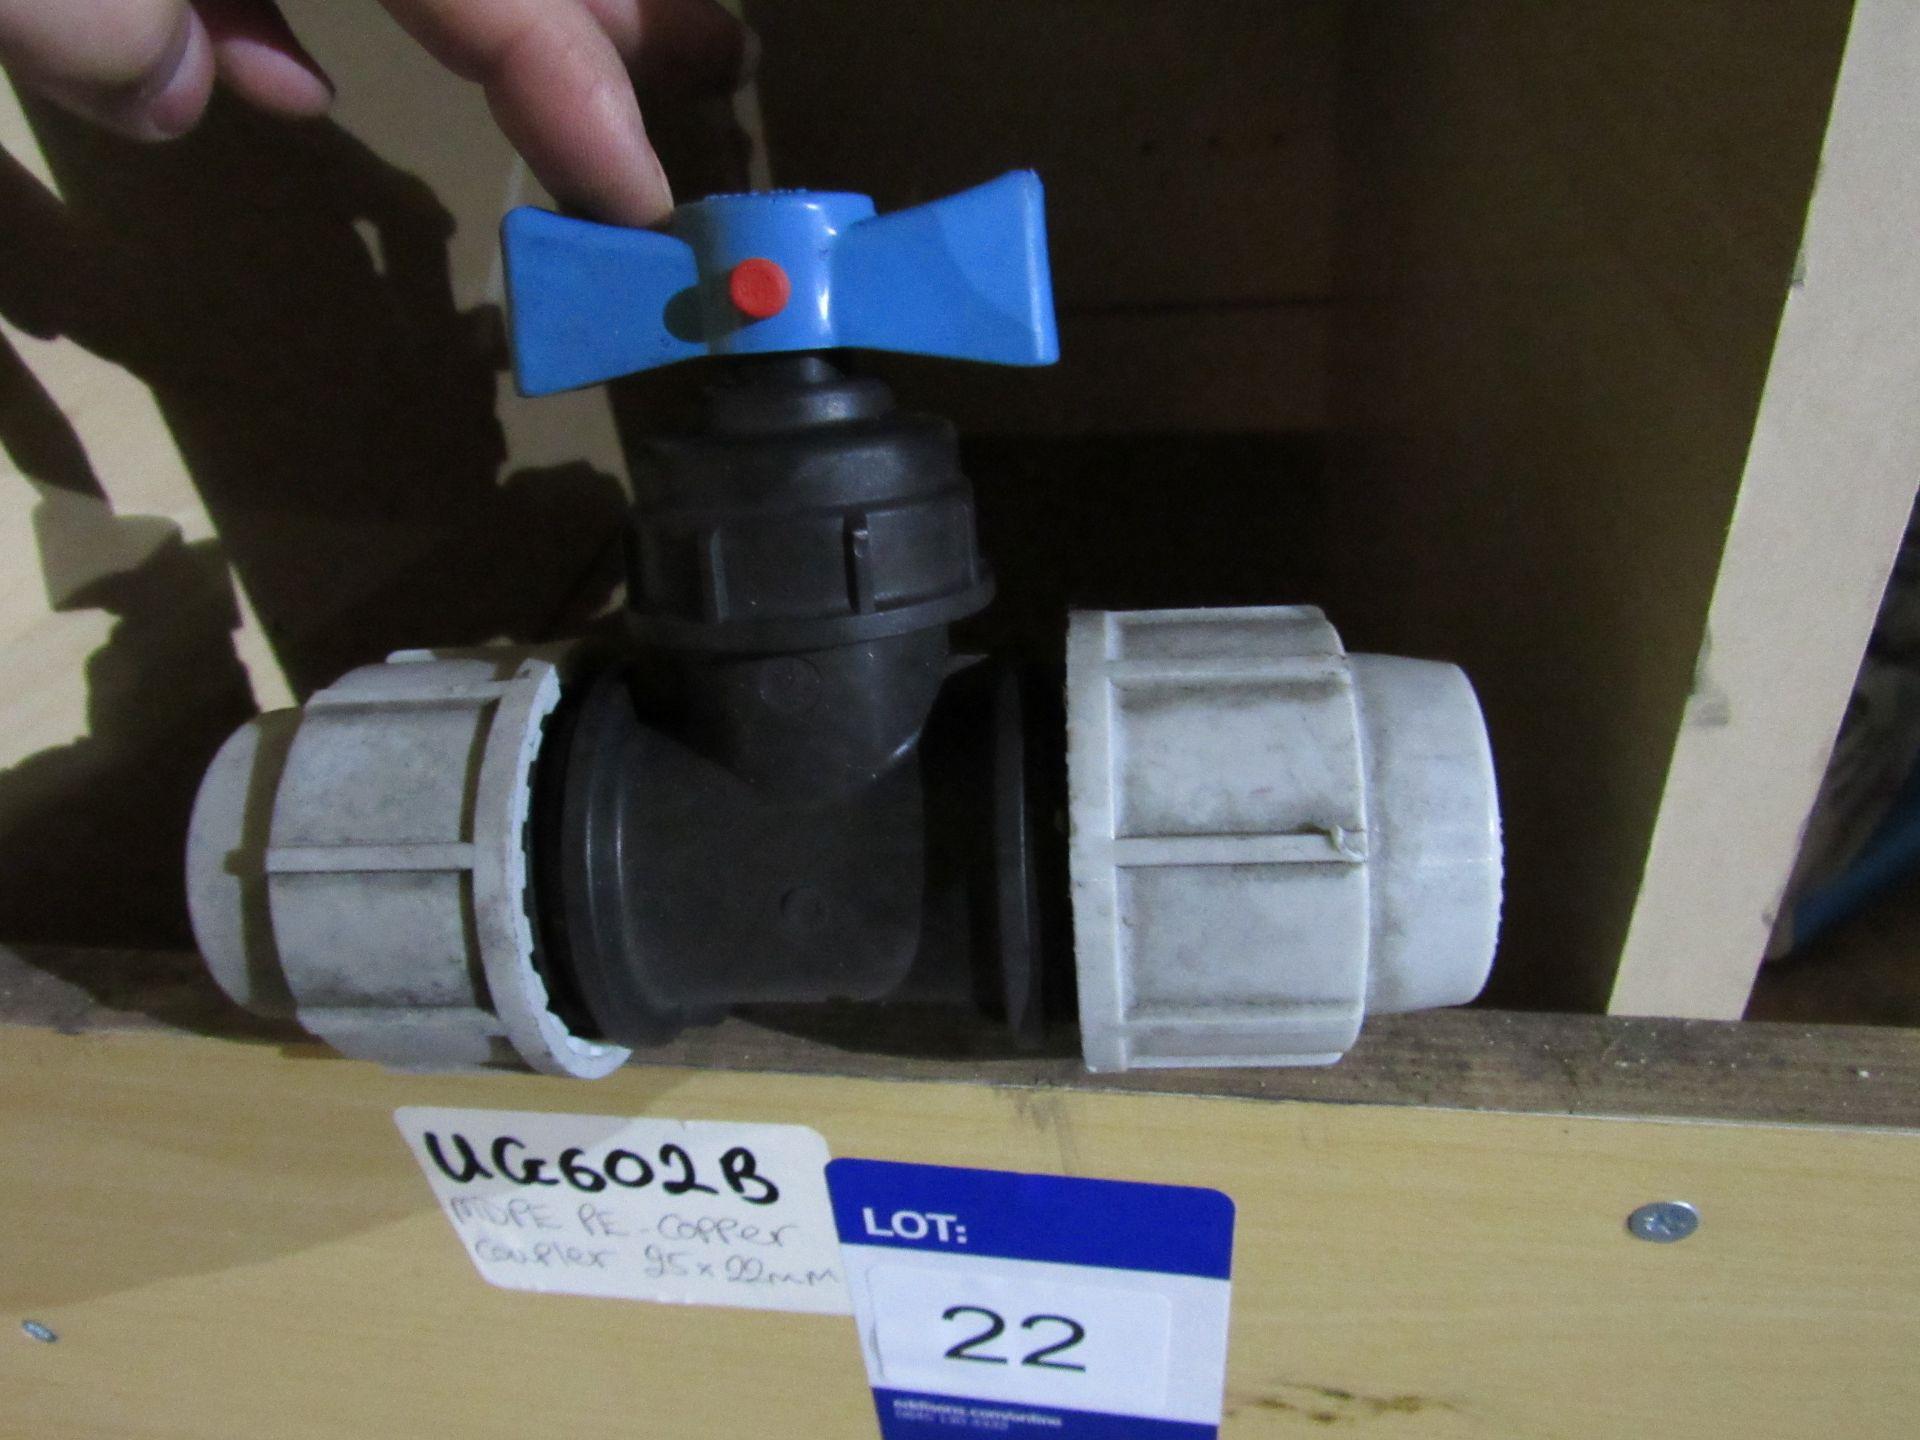 Lot 22 - 1 UG602B - Plasson 32mm Stop Tap